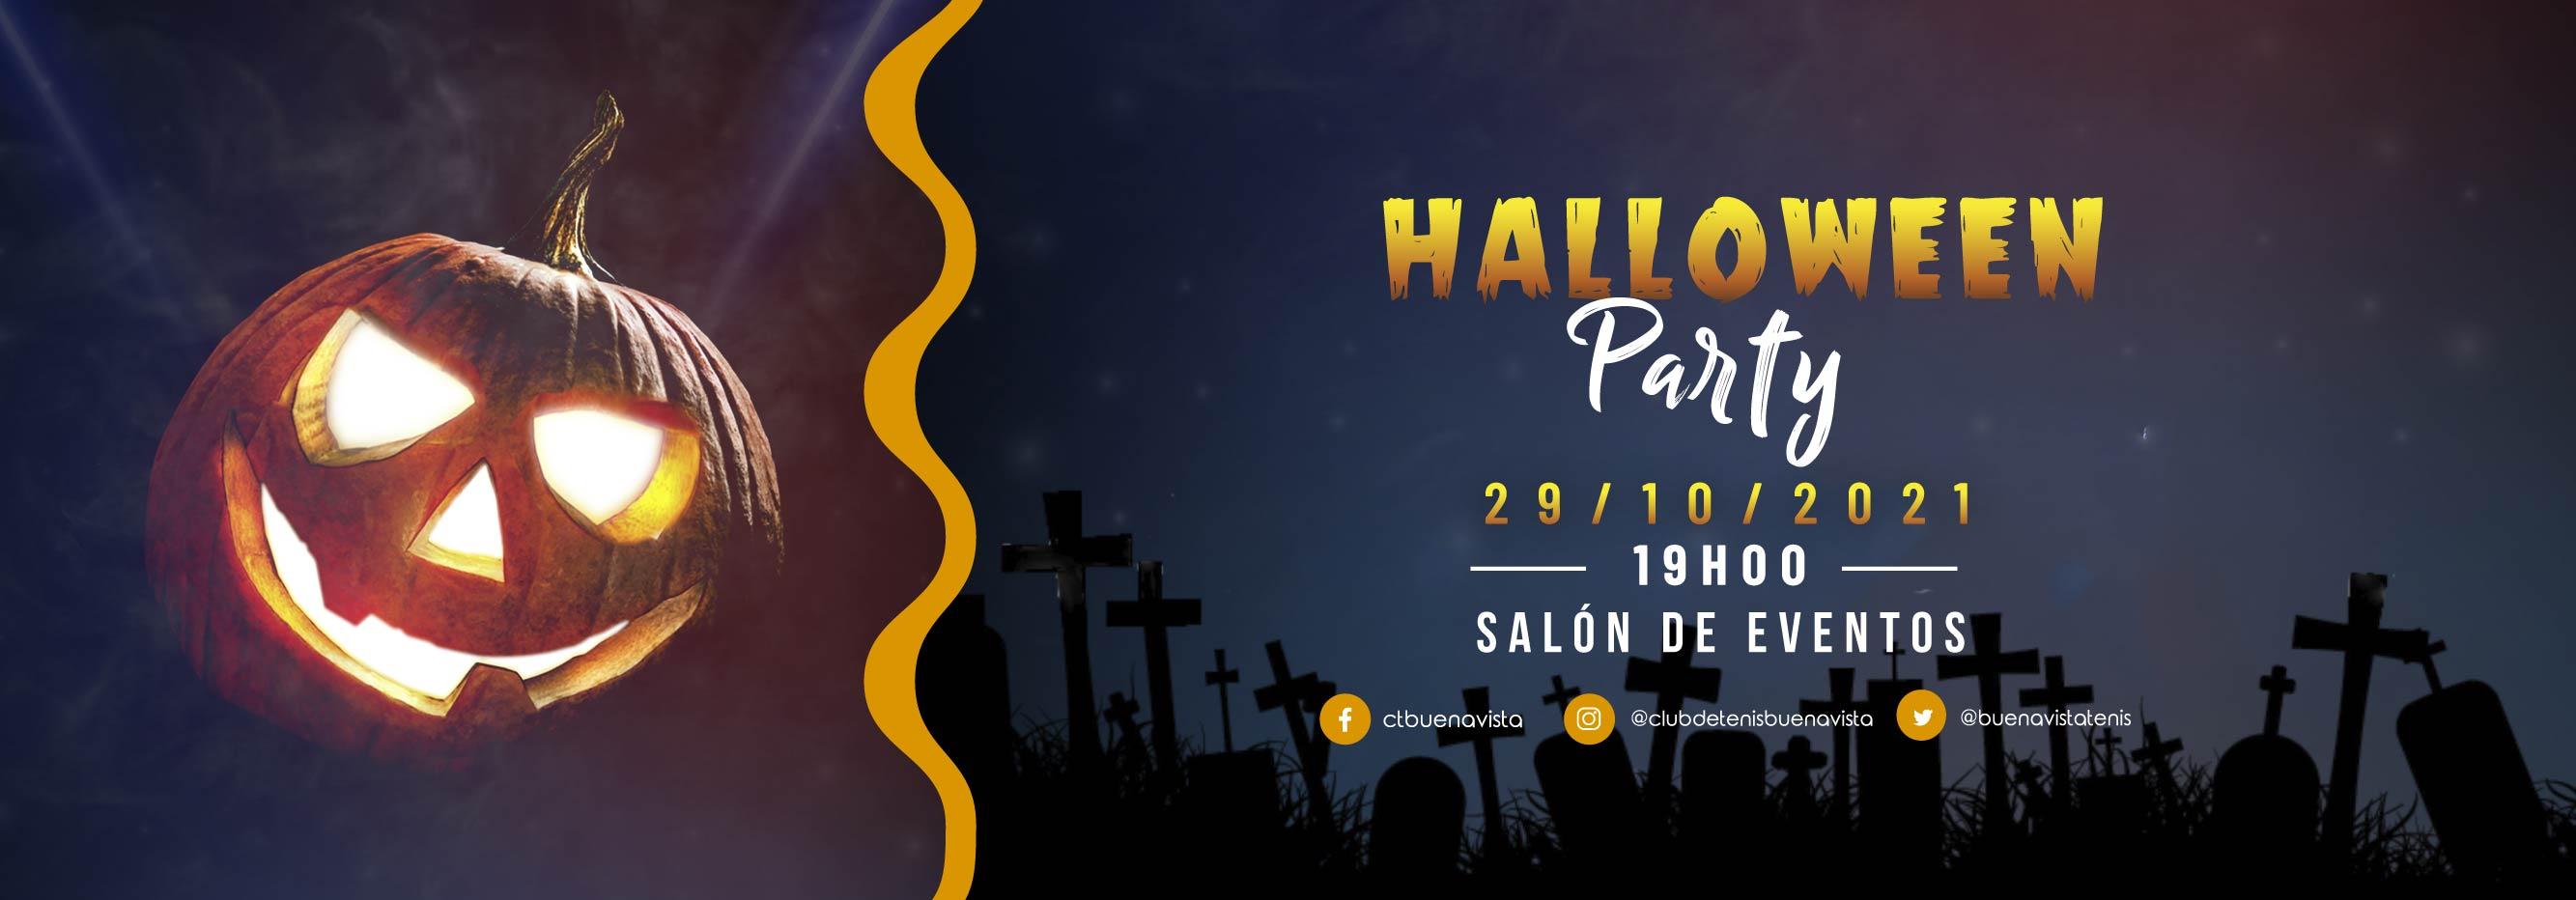 hall-pag-web-01